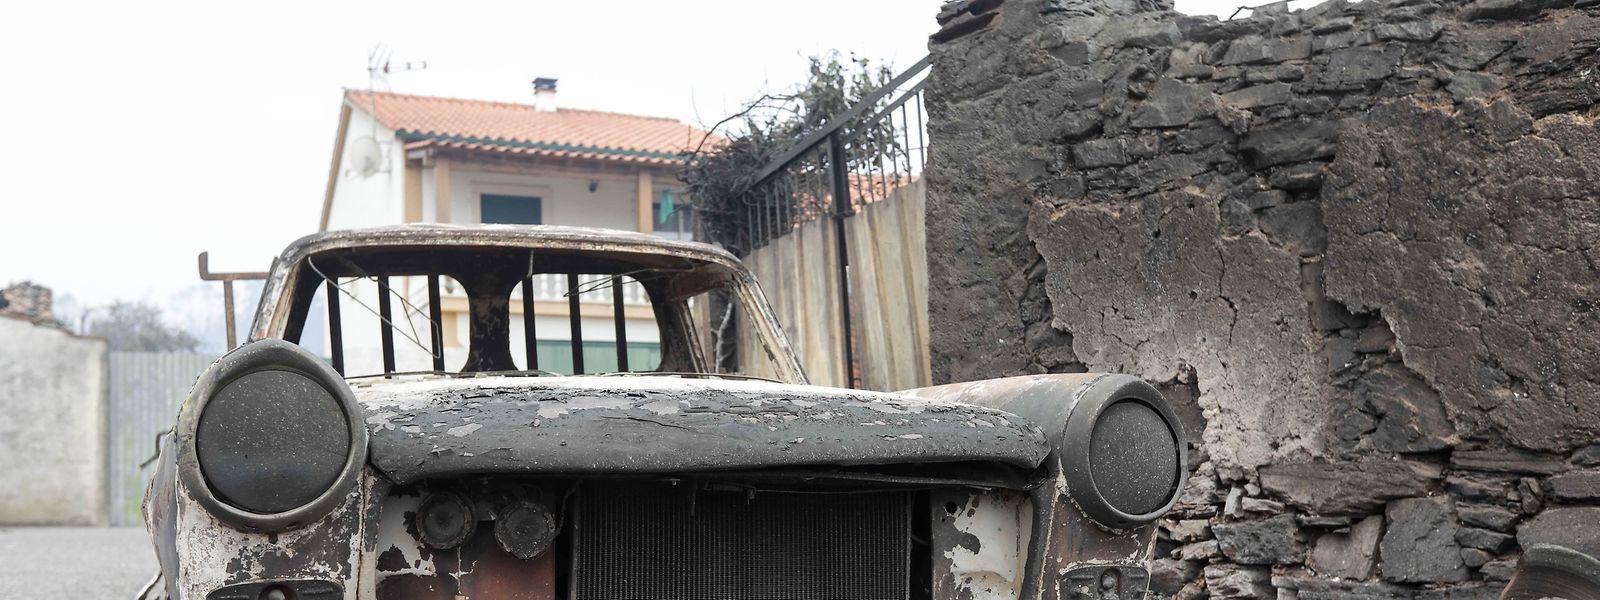 Uma carrinha destruída pelas chamas em Pobrais, Pedrogão Grande